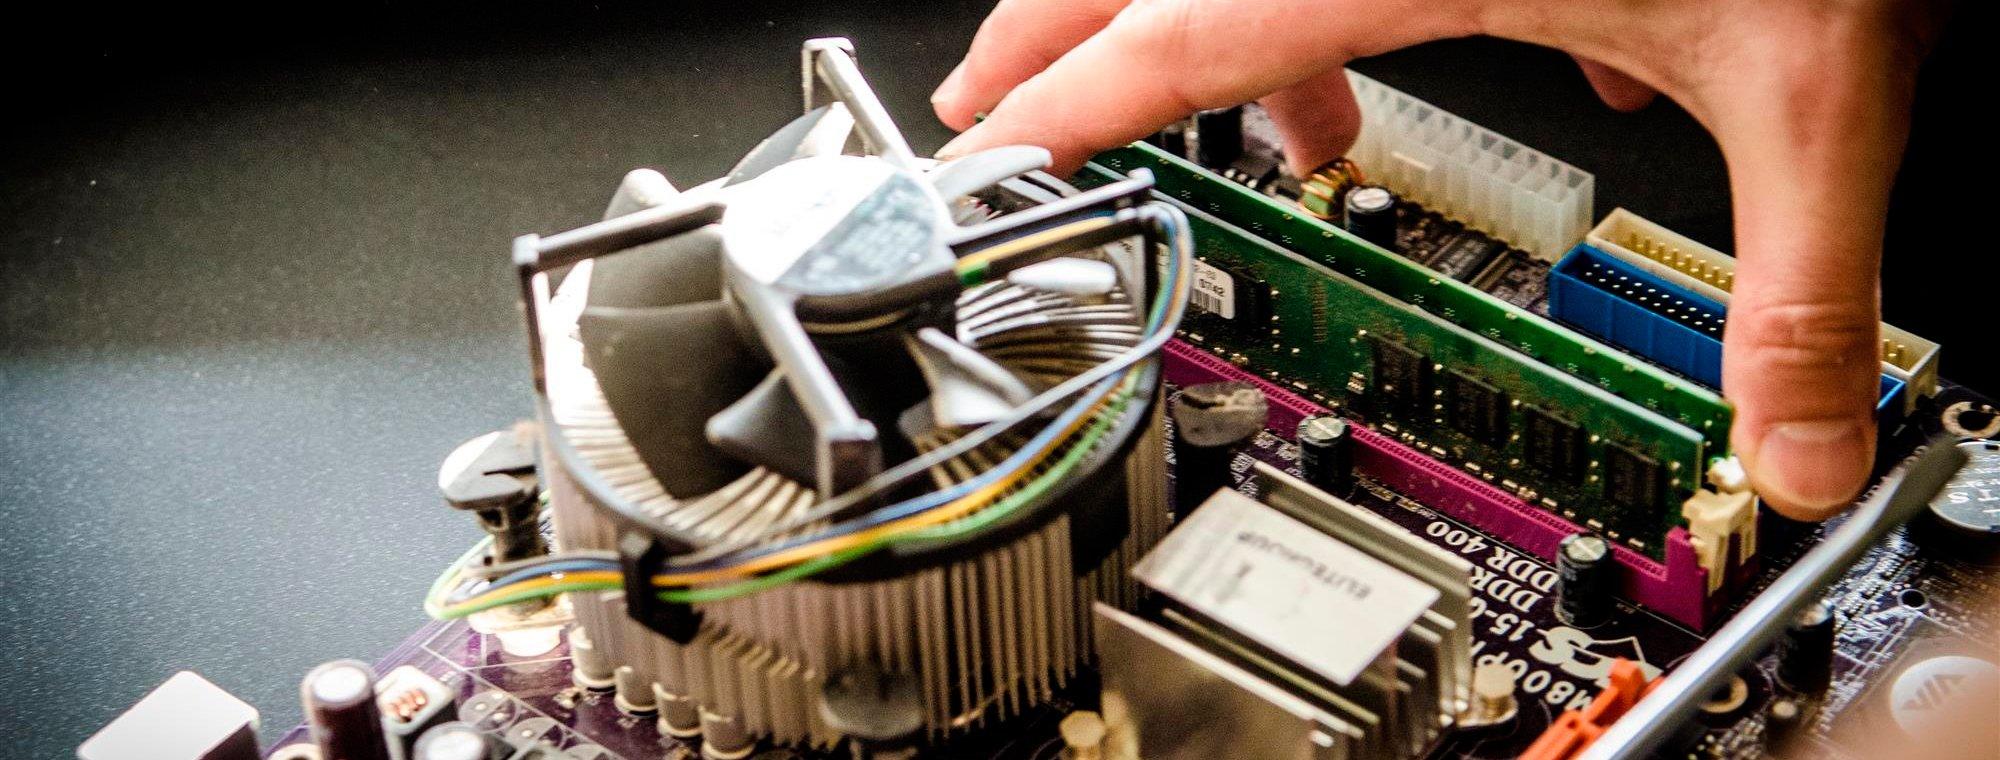 Venta, mantenimiento y reparación de equipos